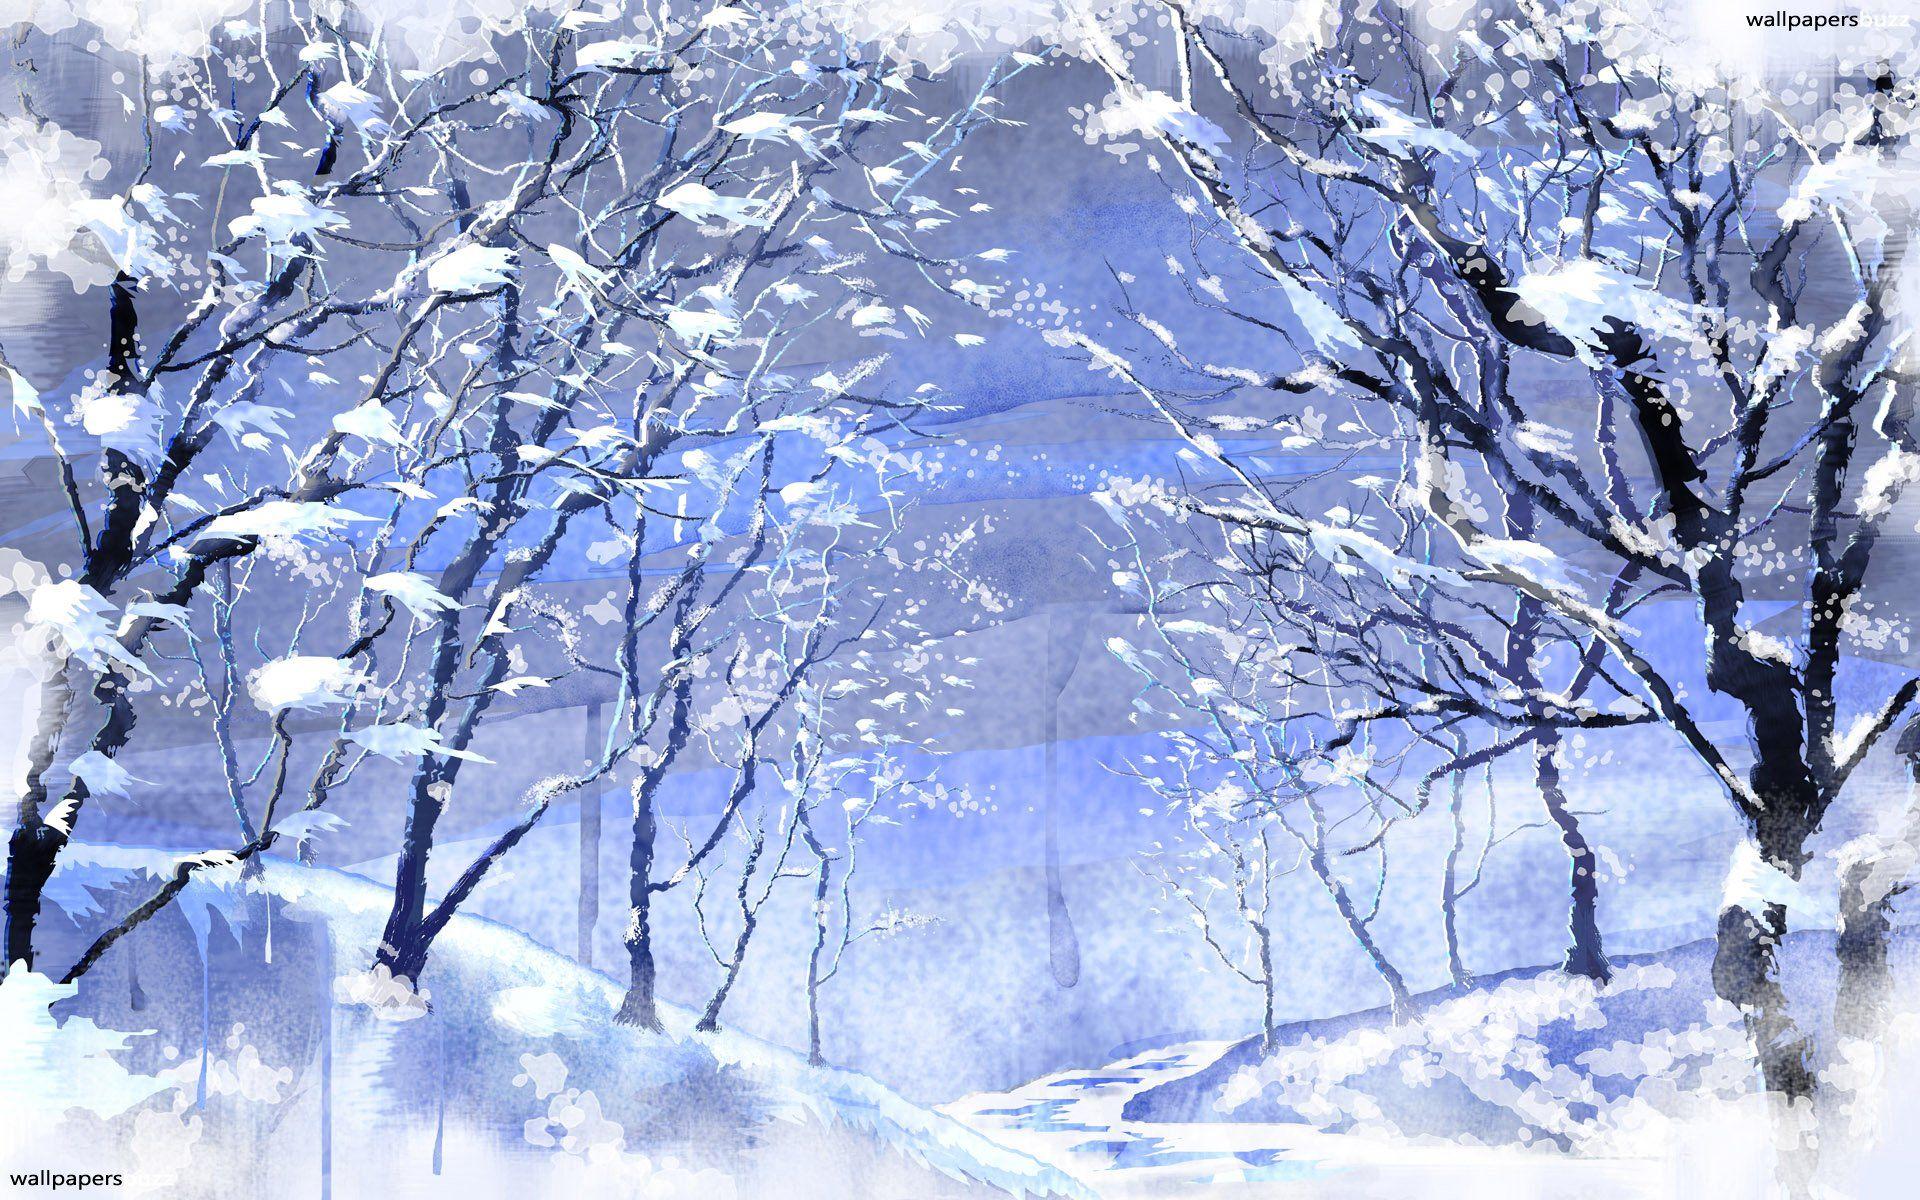 Winter Alley Winter Wallpaper Winter Snow Wallpaper Winter Scenery Freezing anime desktop wallpaper